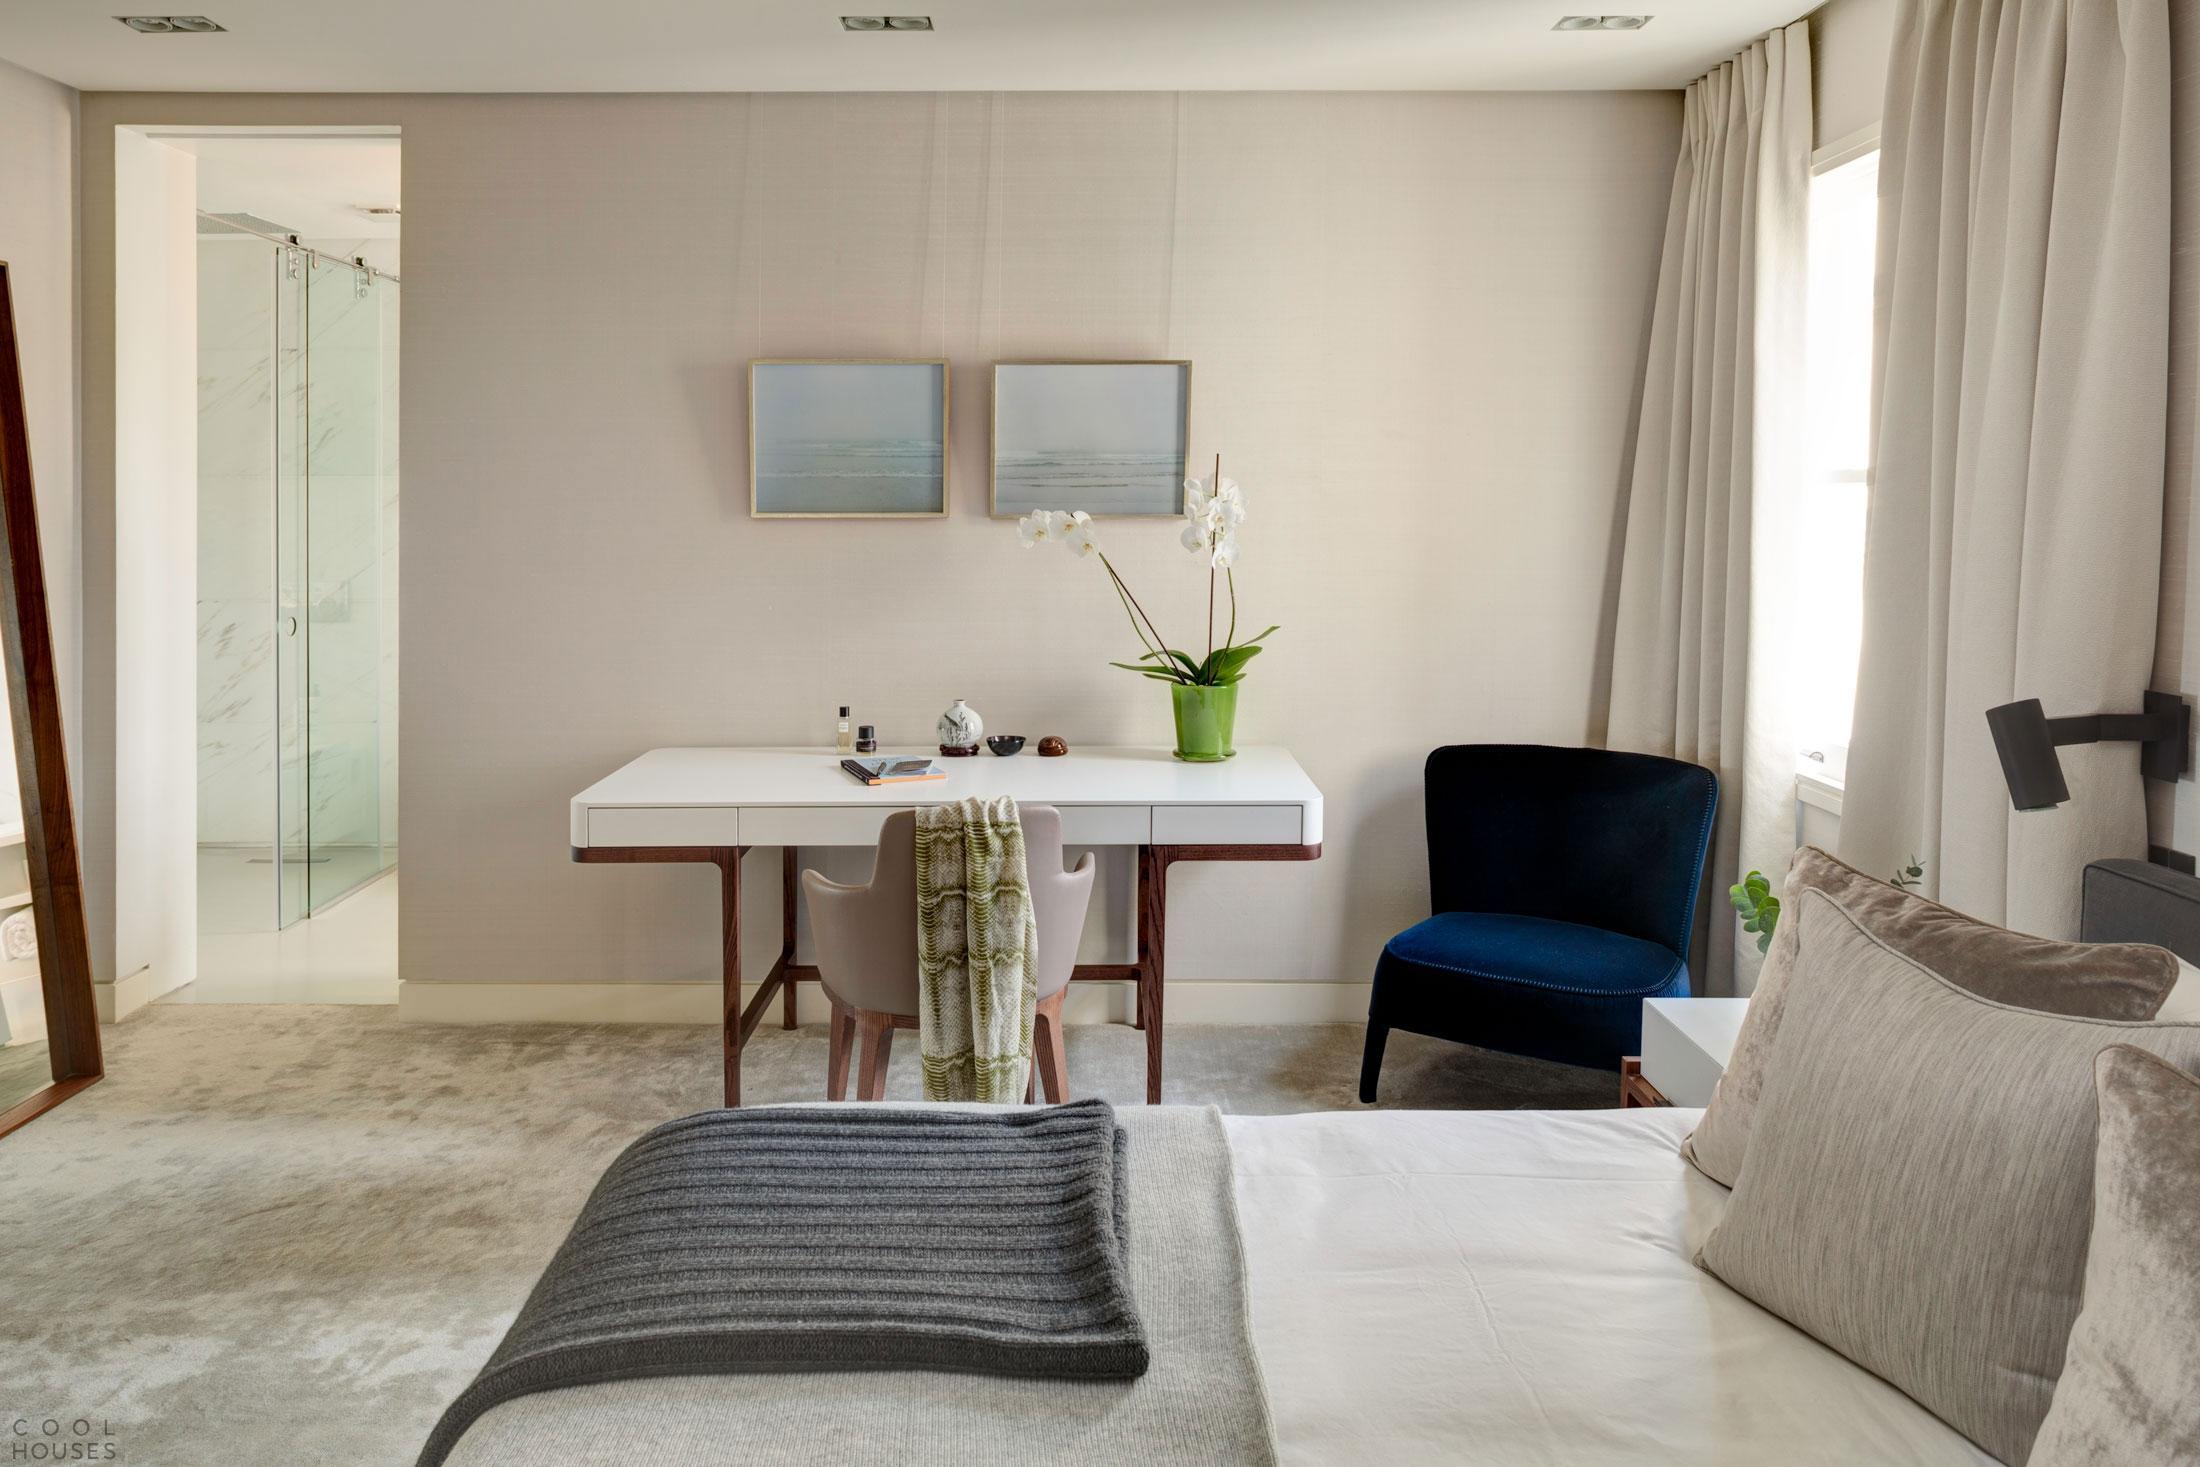 Современная уютная квартира в теплых тонах